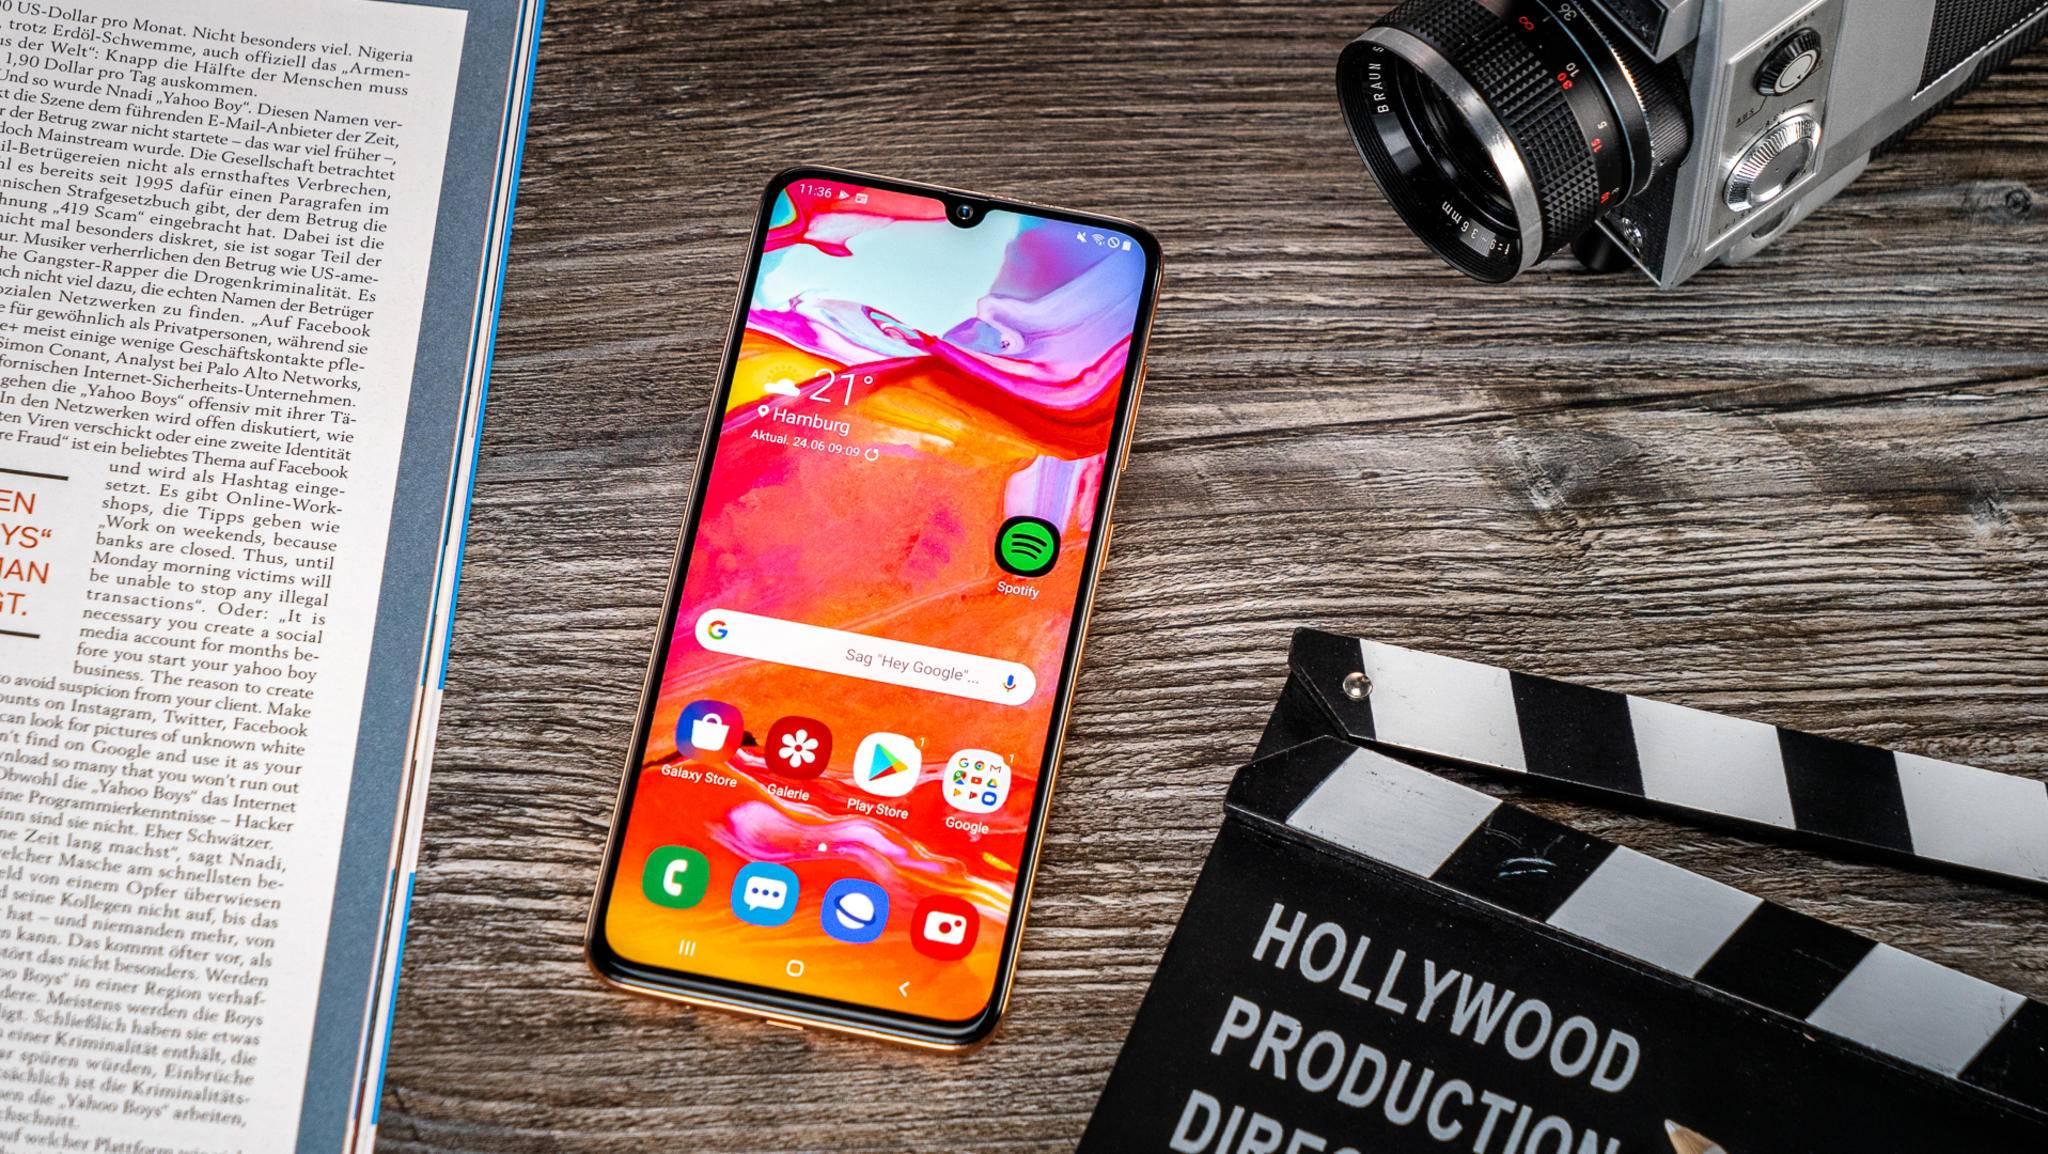 Samsung Galaxy A70 im Test: Riesenbildschirm trifft Riesenakku